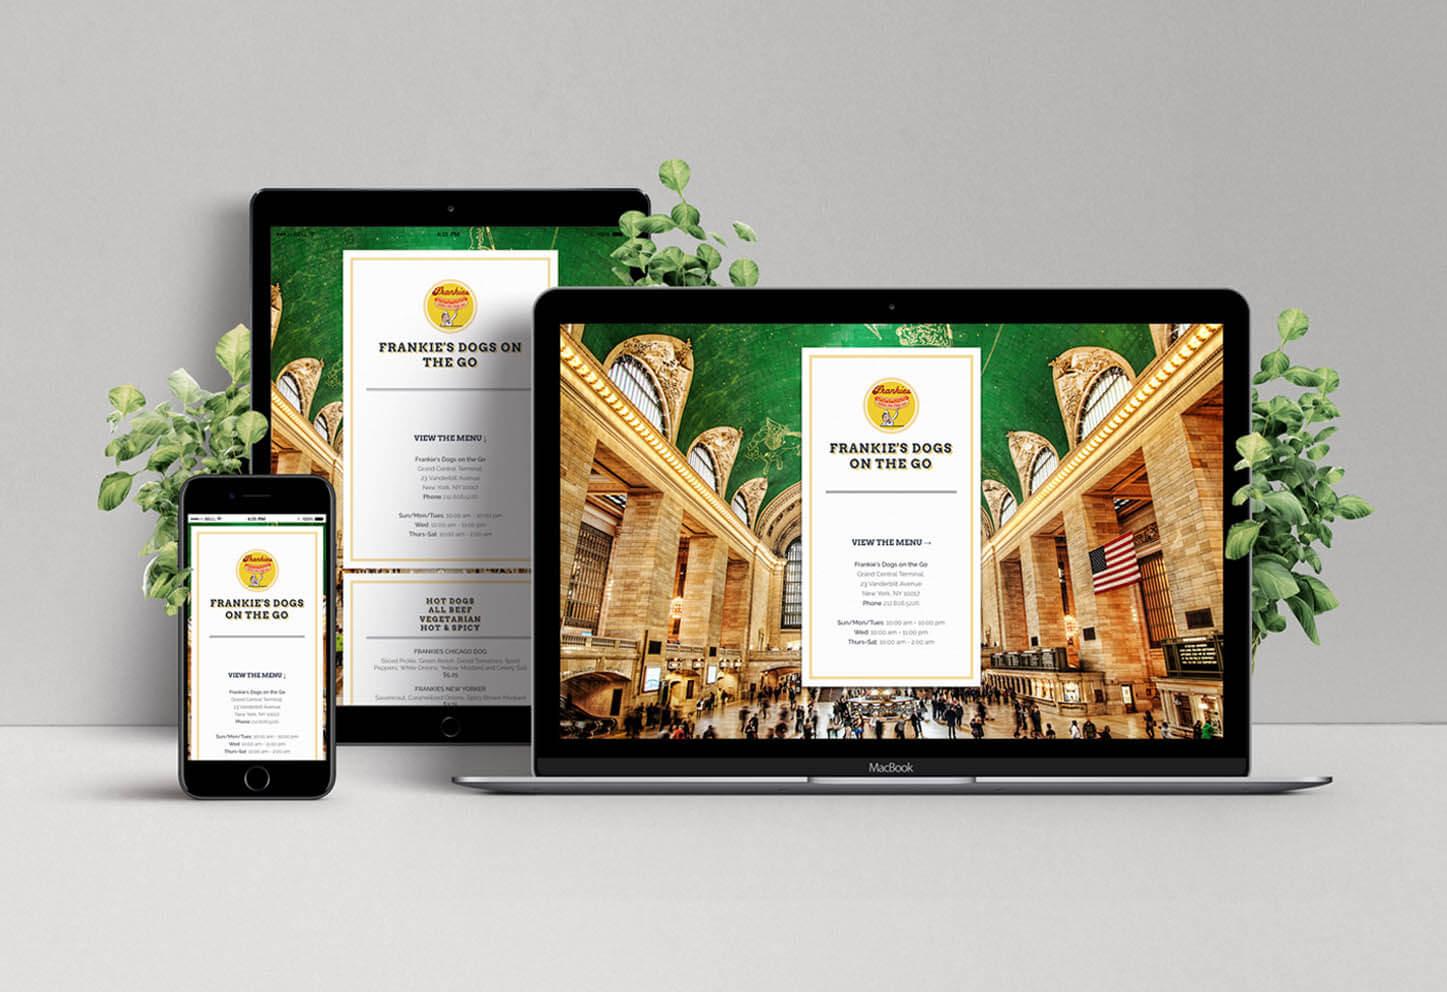 Website & SEO For a Food Vendor